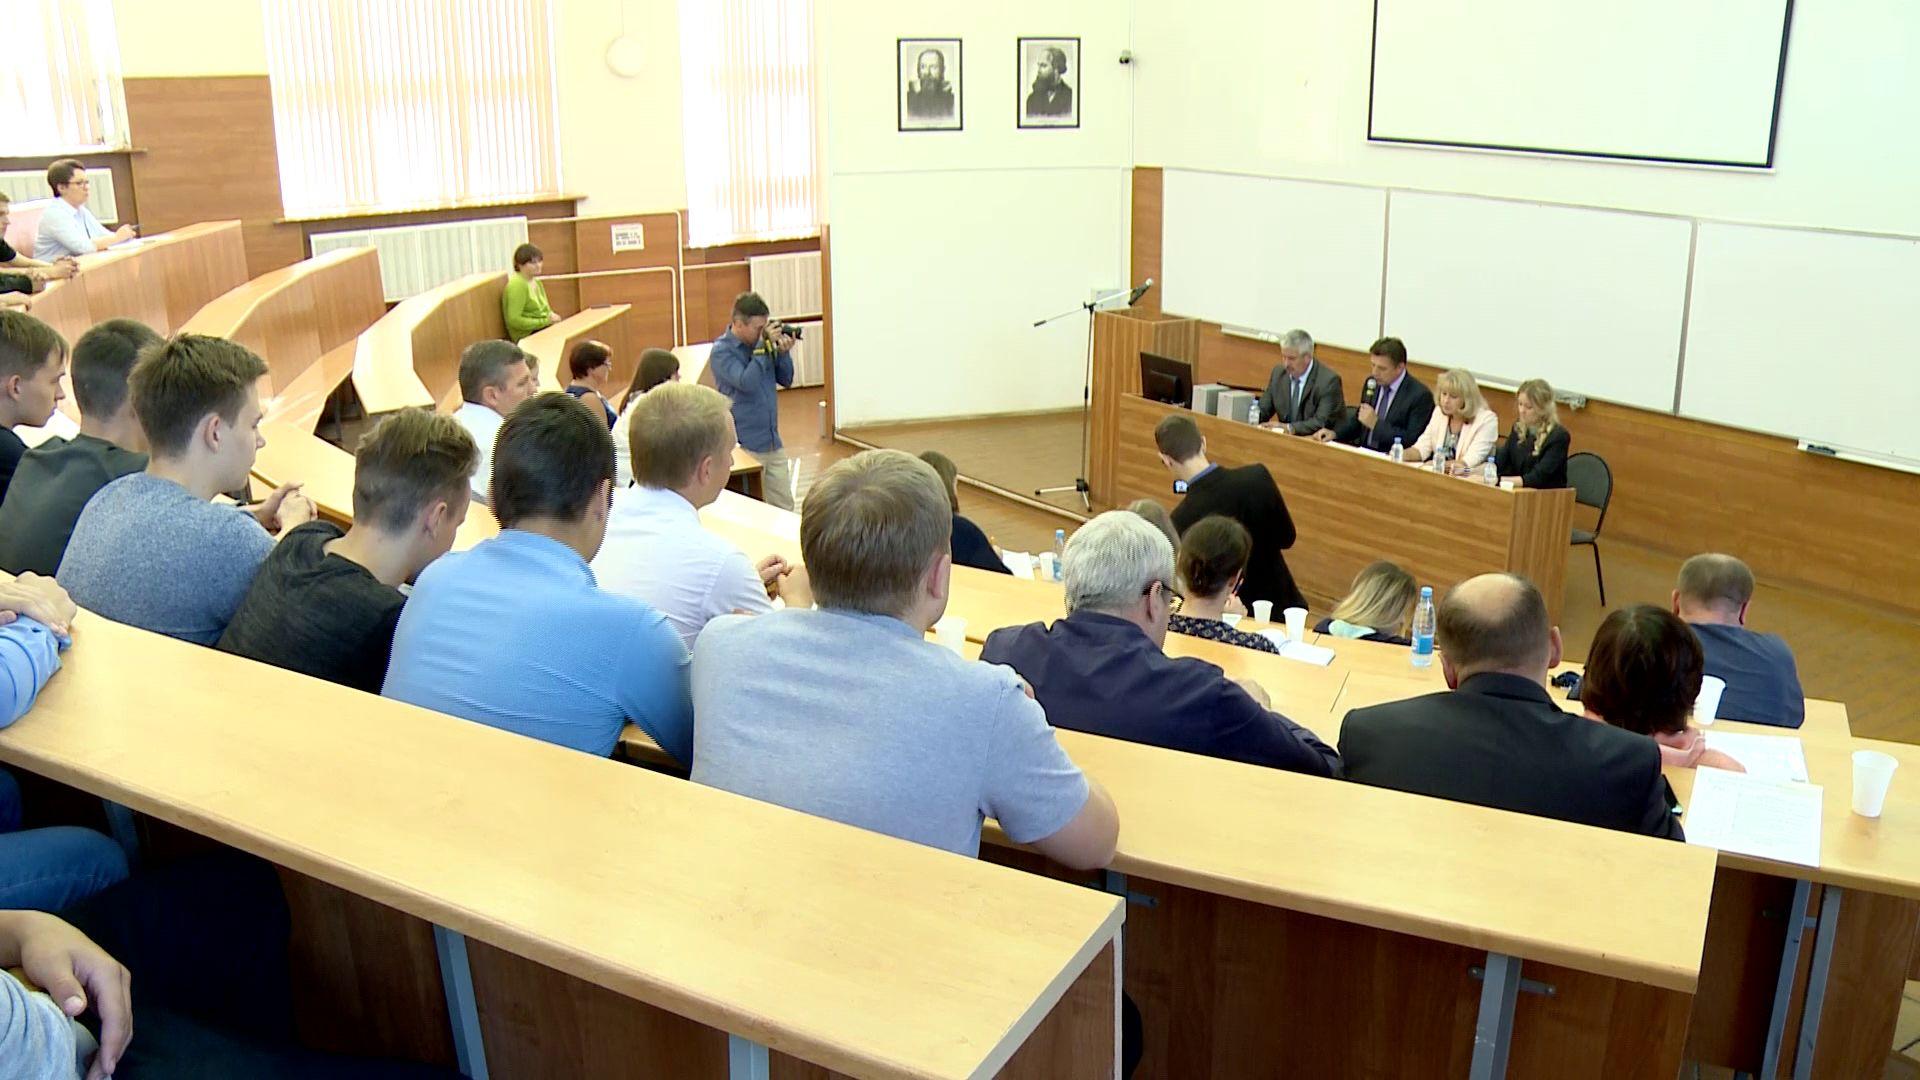 Ярославские антимонопольщики за полгода выписали штрафов на семь миллионов рублей